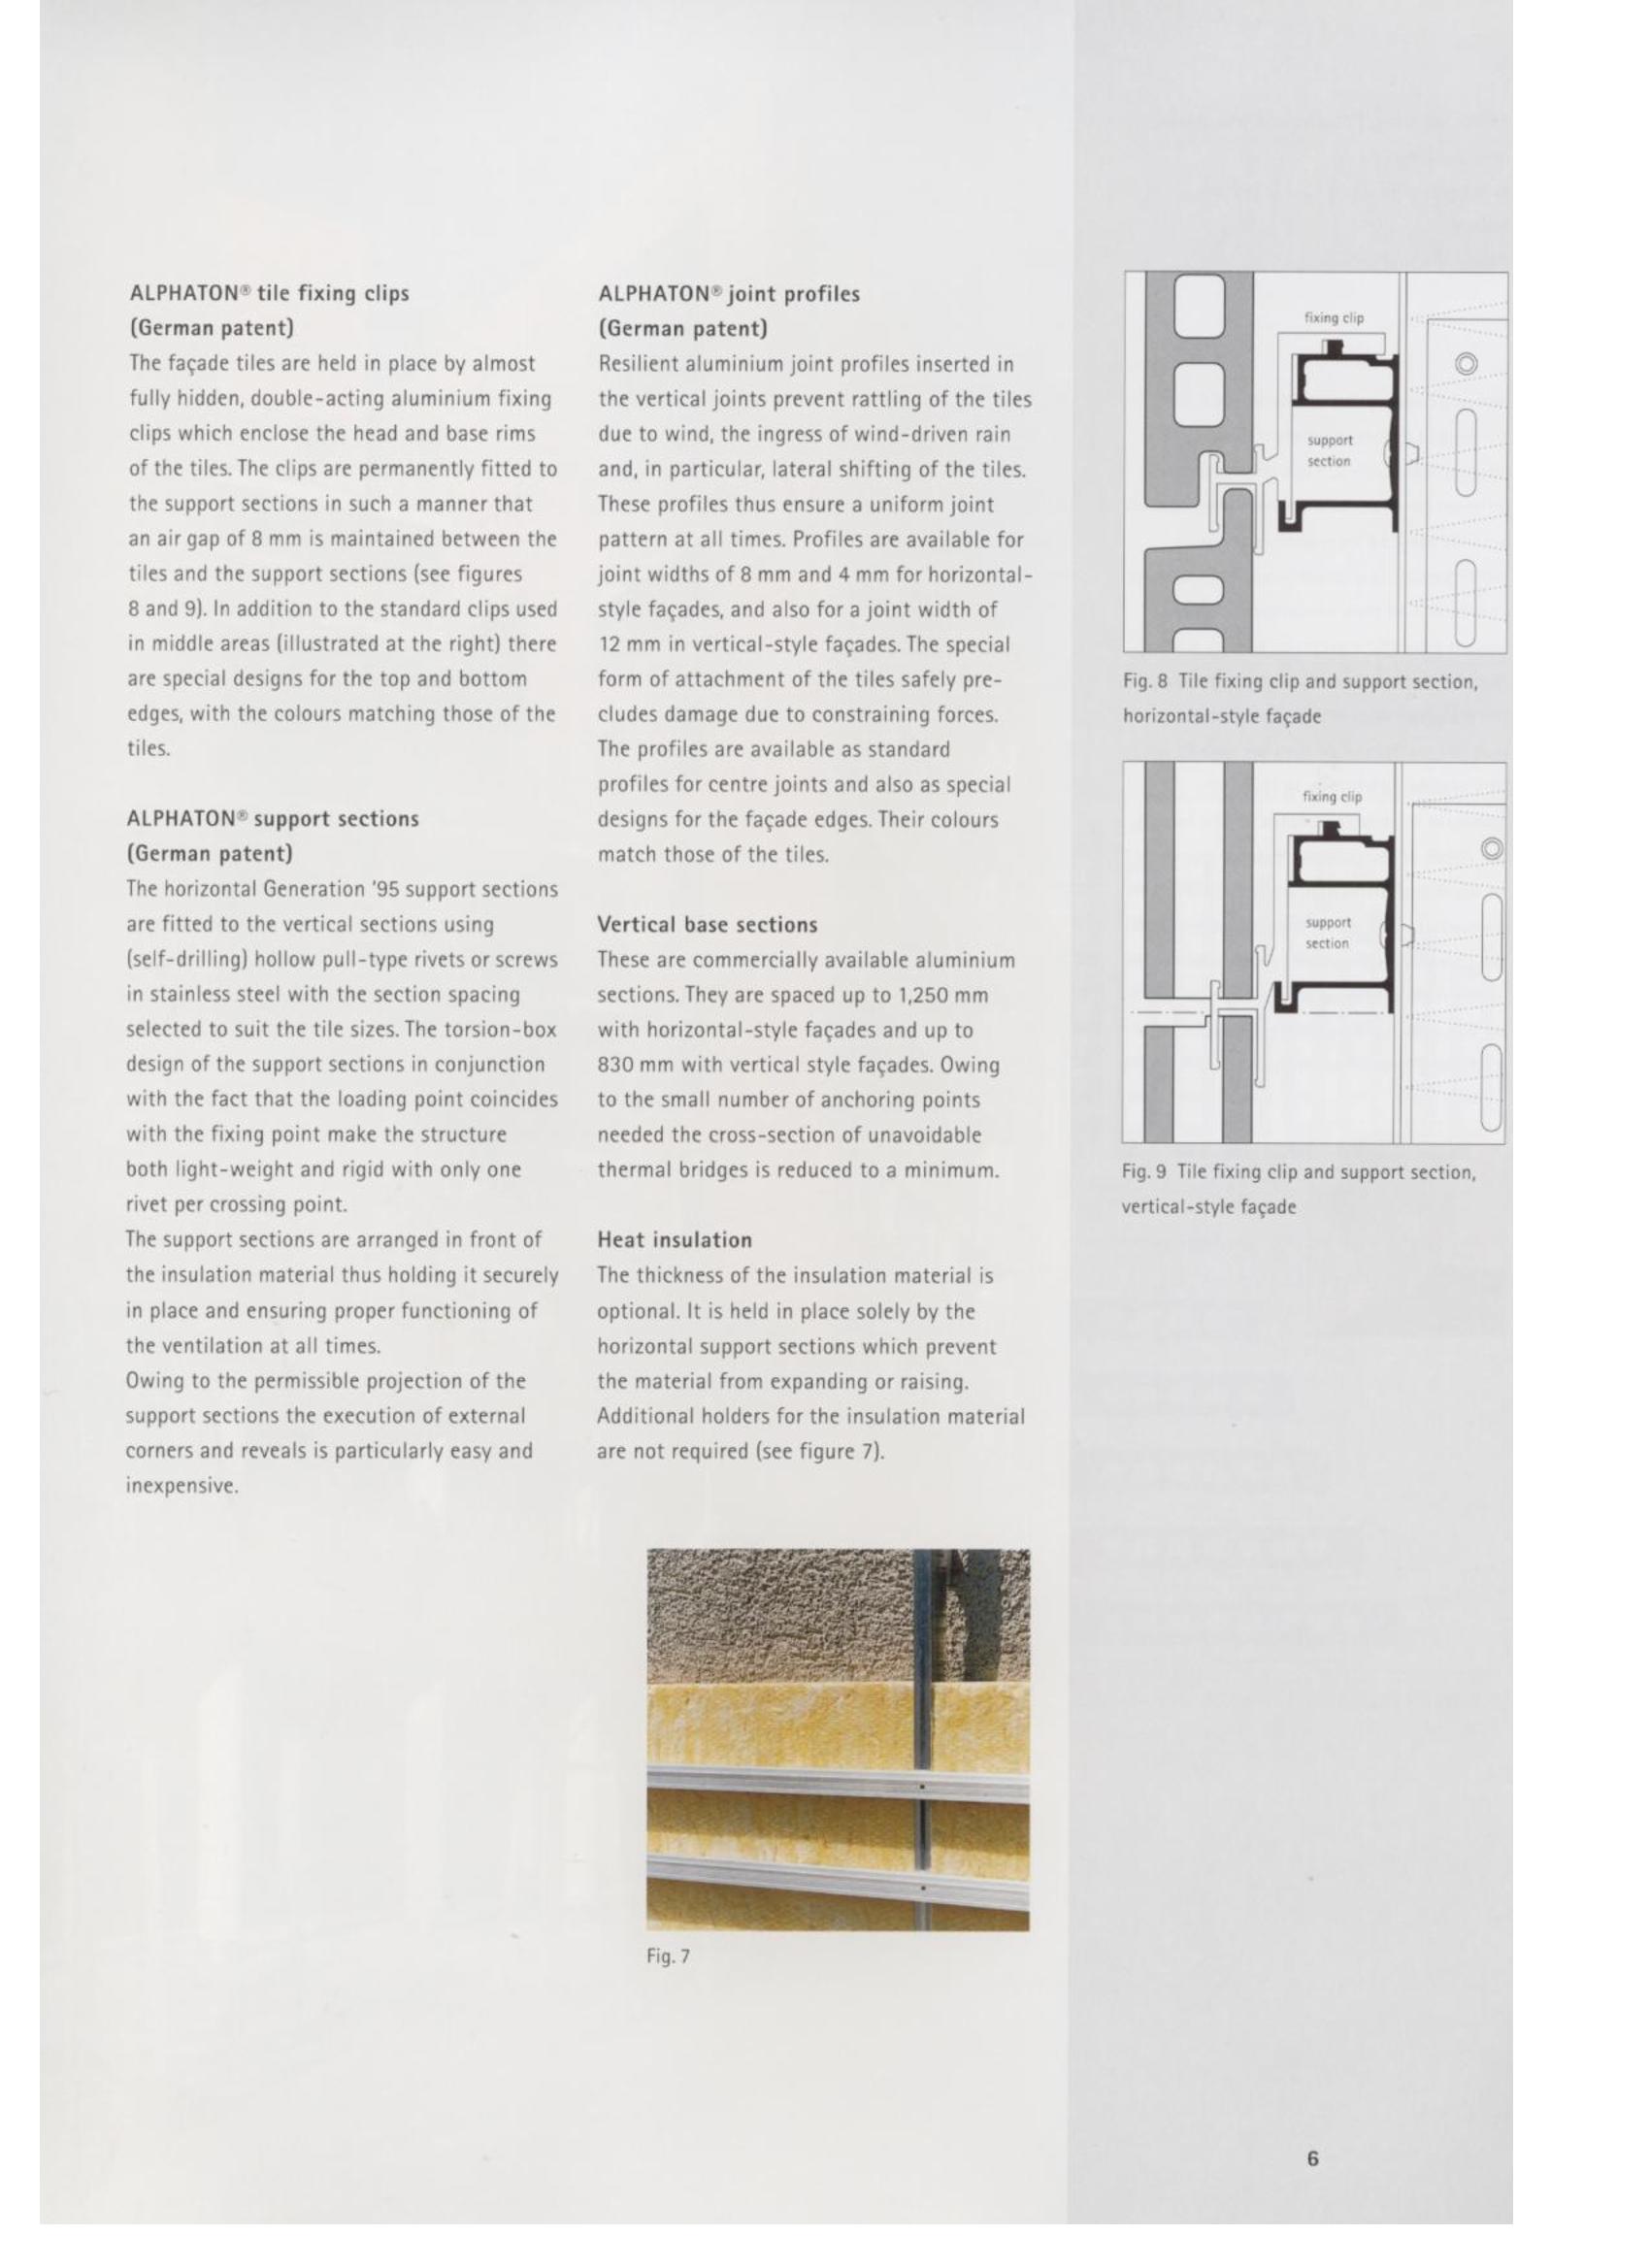 Fisa tehnica Sisteme de placaje ceramice pentru fatada ALPHATON ALPHATON Placi ceramice, teracota pentru placaje uscate exterioare GIBB TECHNOLOGIES  - Pagina 4